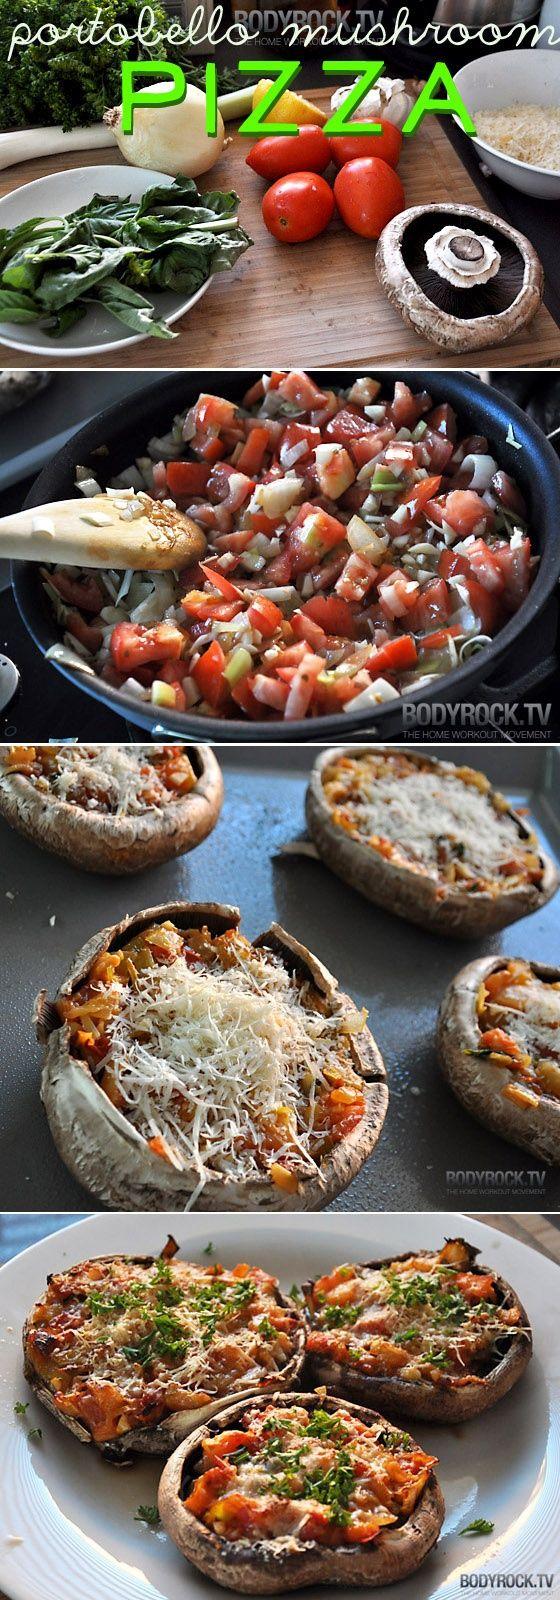 No crust needed: Portobello mushroom pizza